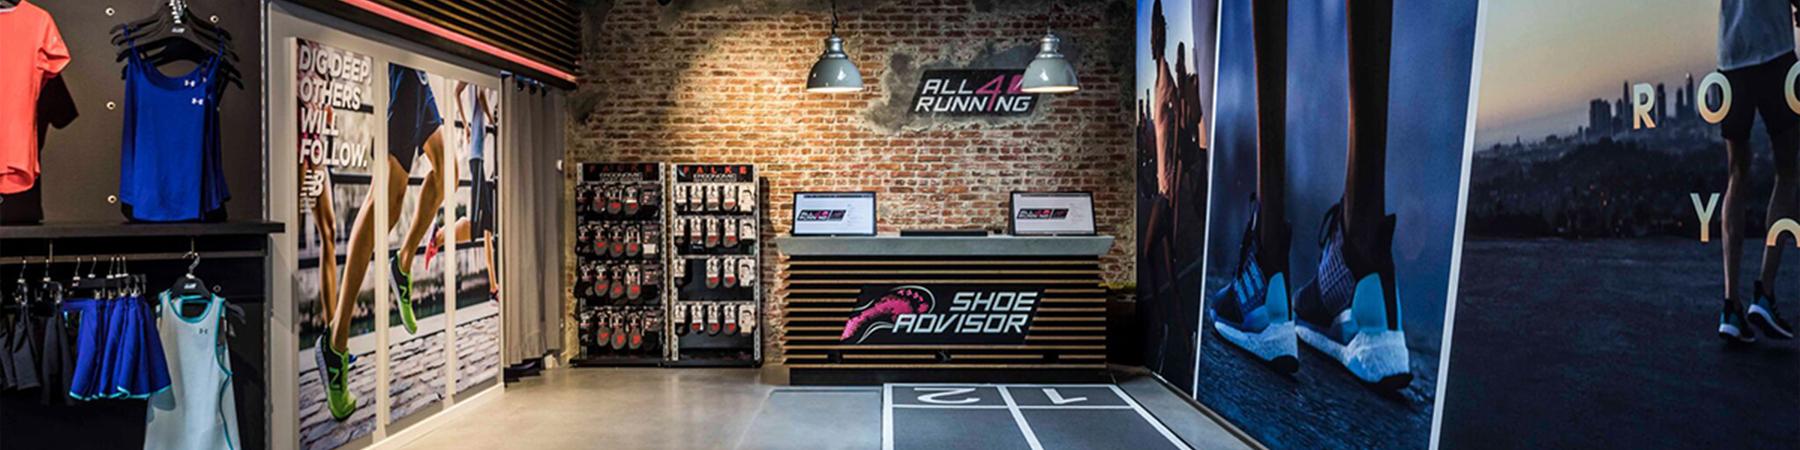 All4running Shoe Advisor Amsterdam